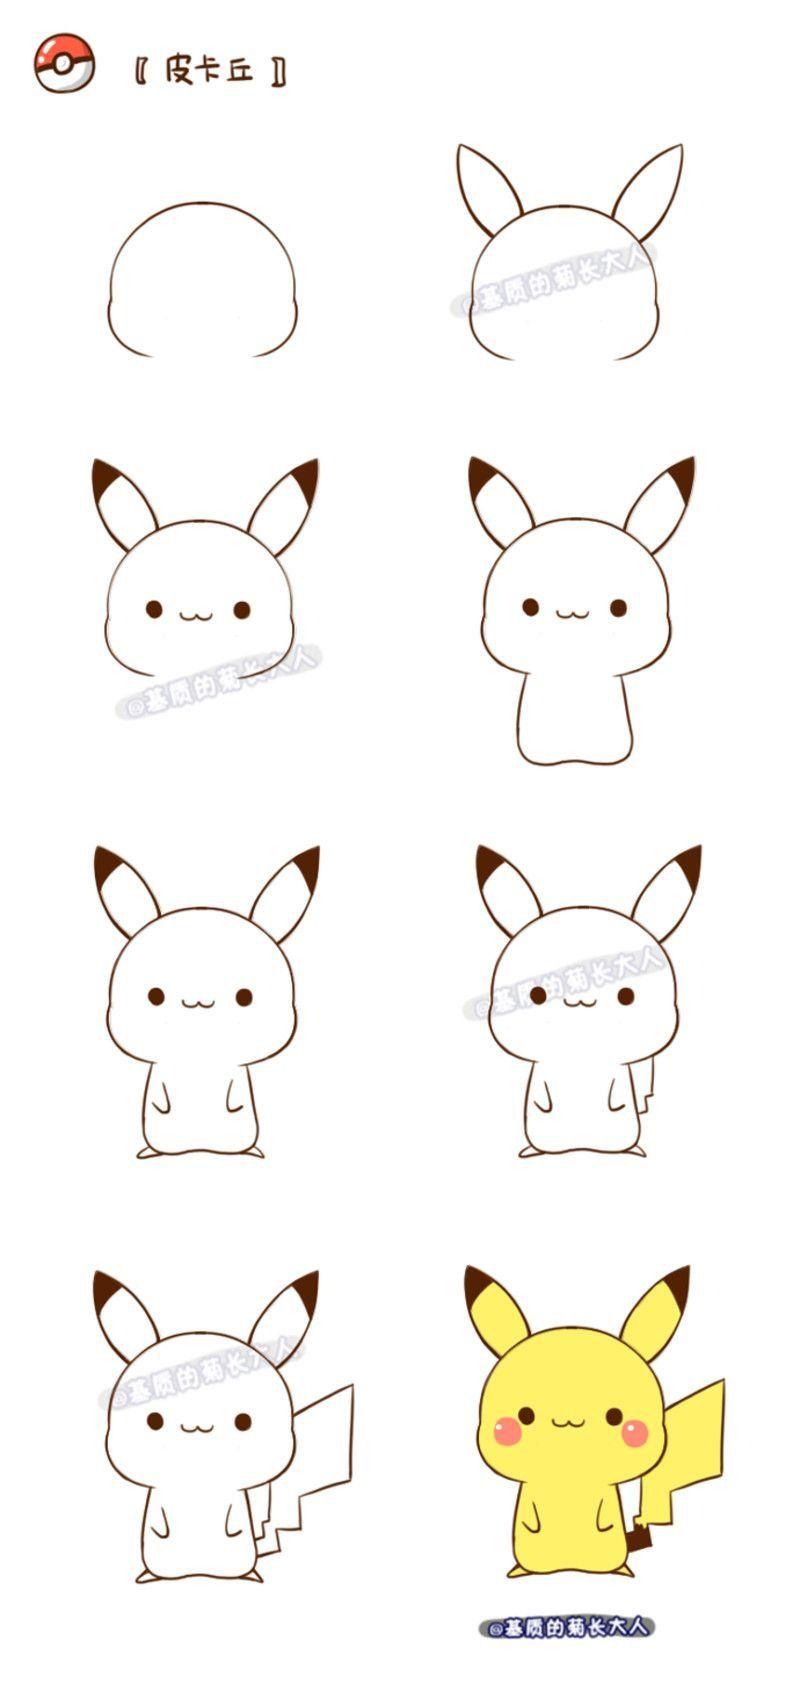 Leichte Anime Zeichnungen Google Suche Zeichnungen Pikachu